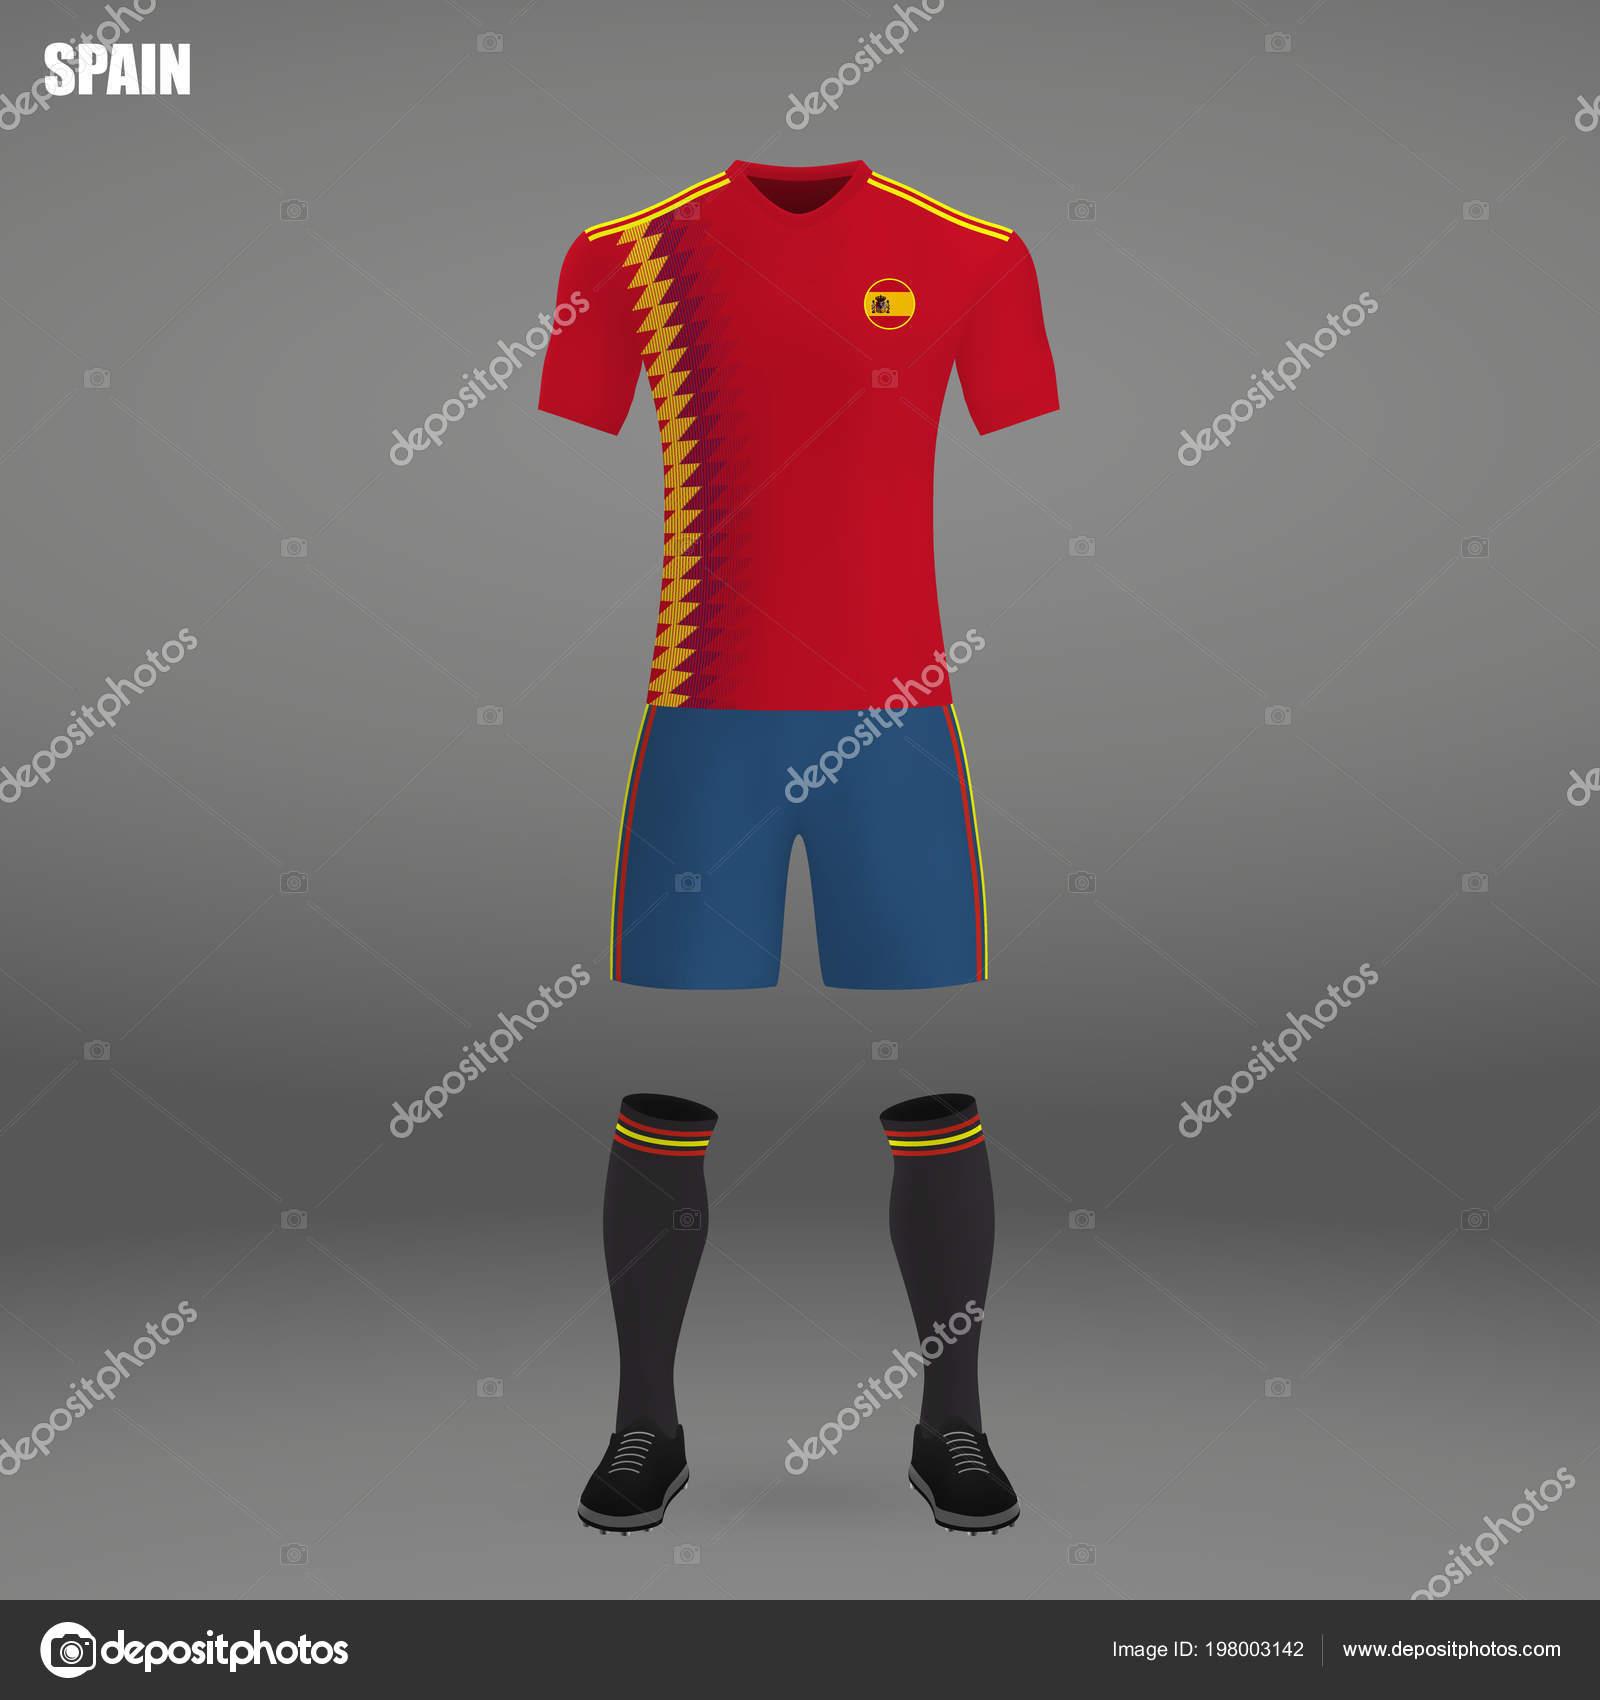 Футбольные майки испании сзади